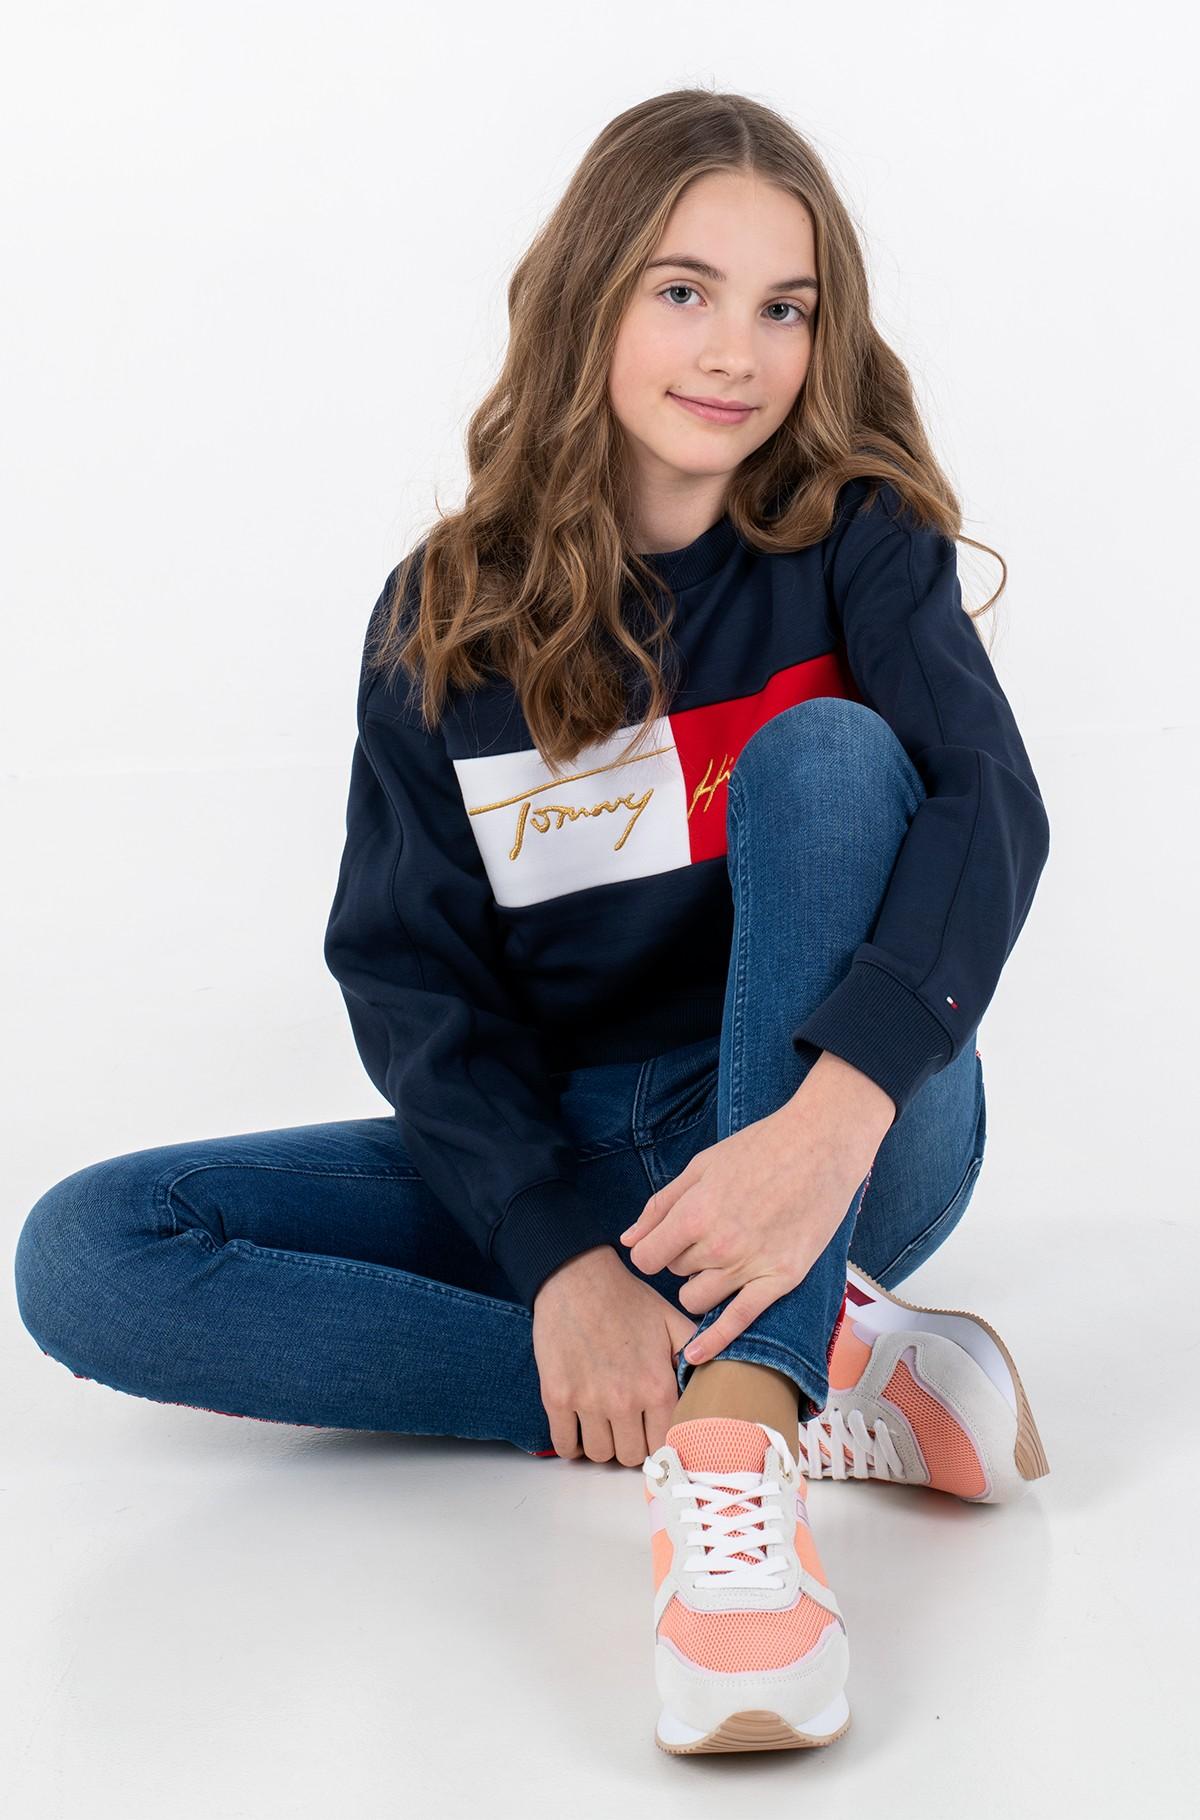 Bērnu sporta krekls ICONS LOGO CREW SWEATSHIRT-full-1